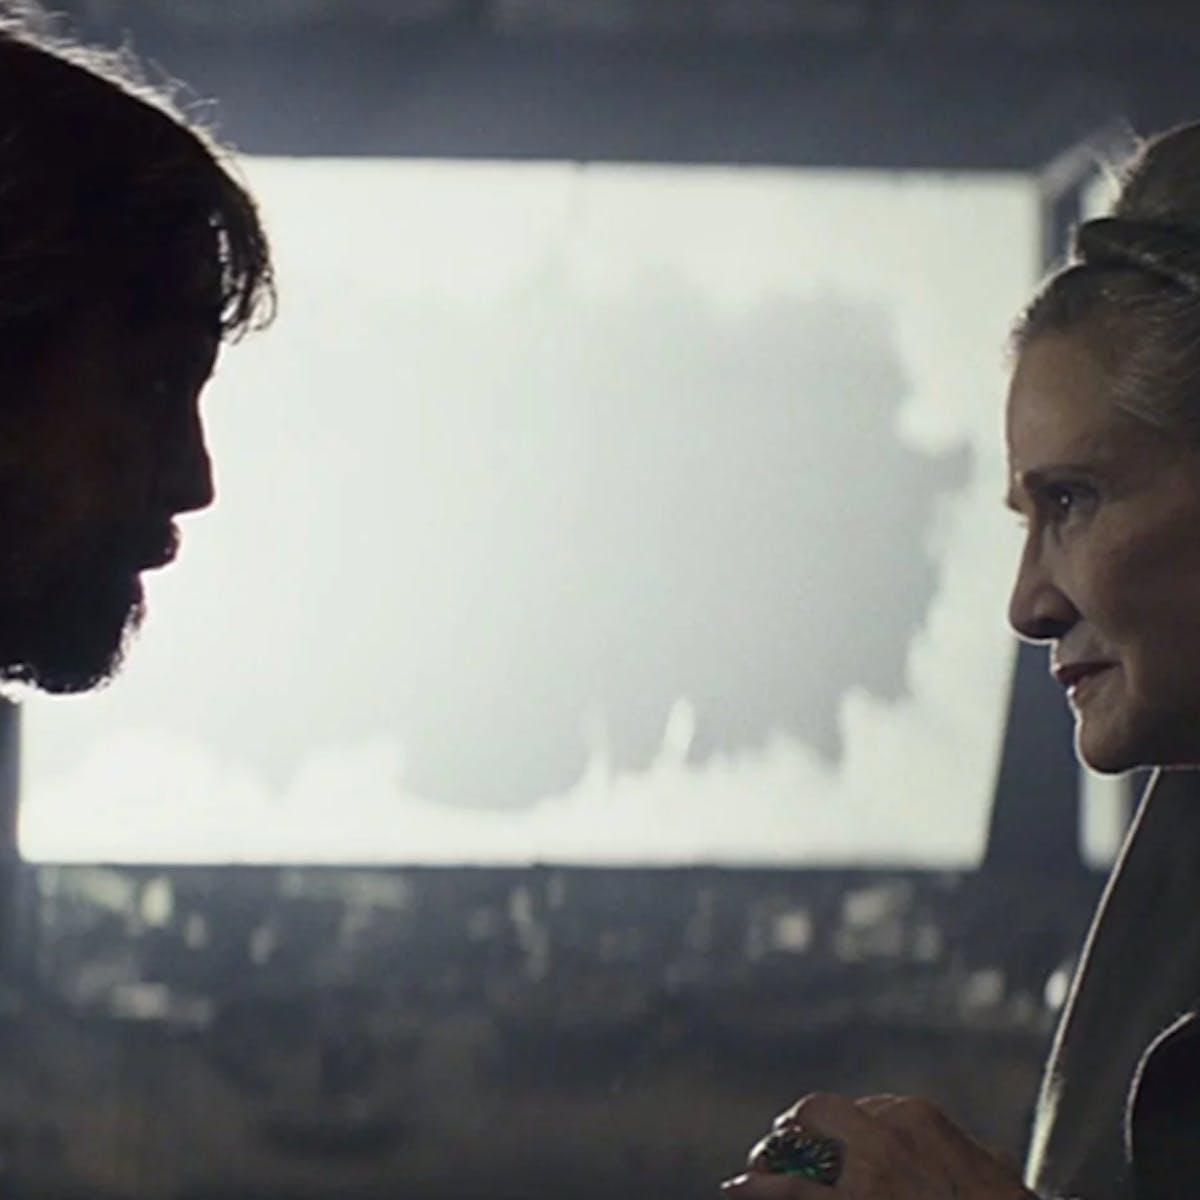 'Star Wars 9' leak suggests heavy de-aging CGI in opening scene flashback